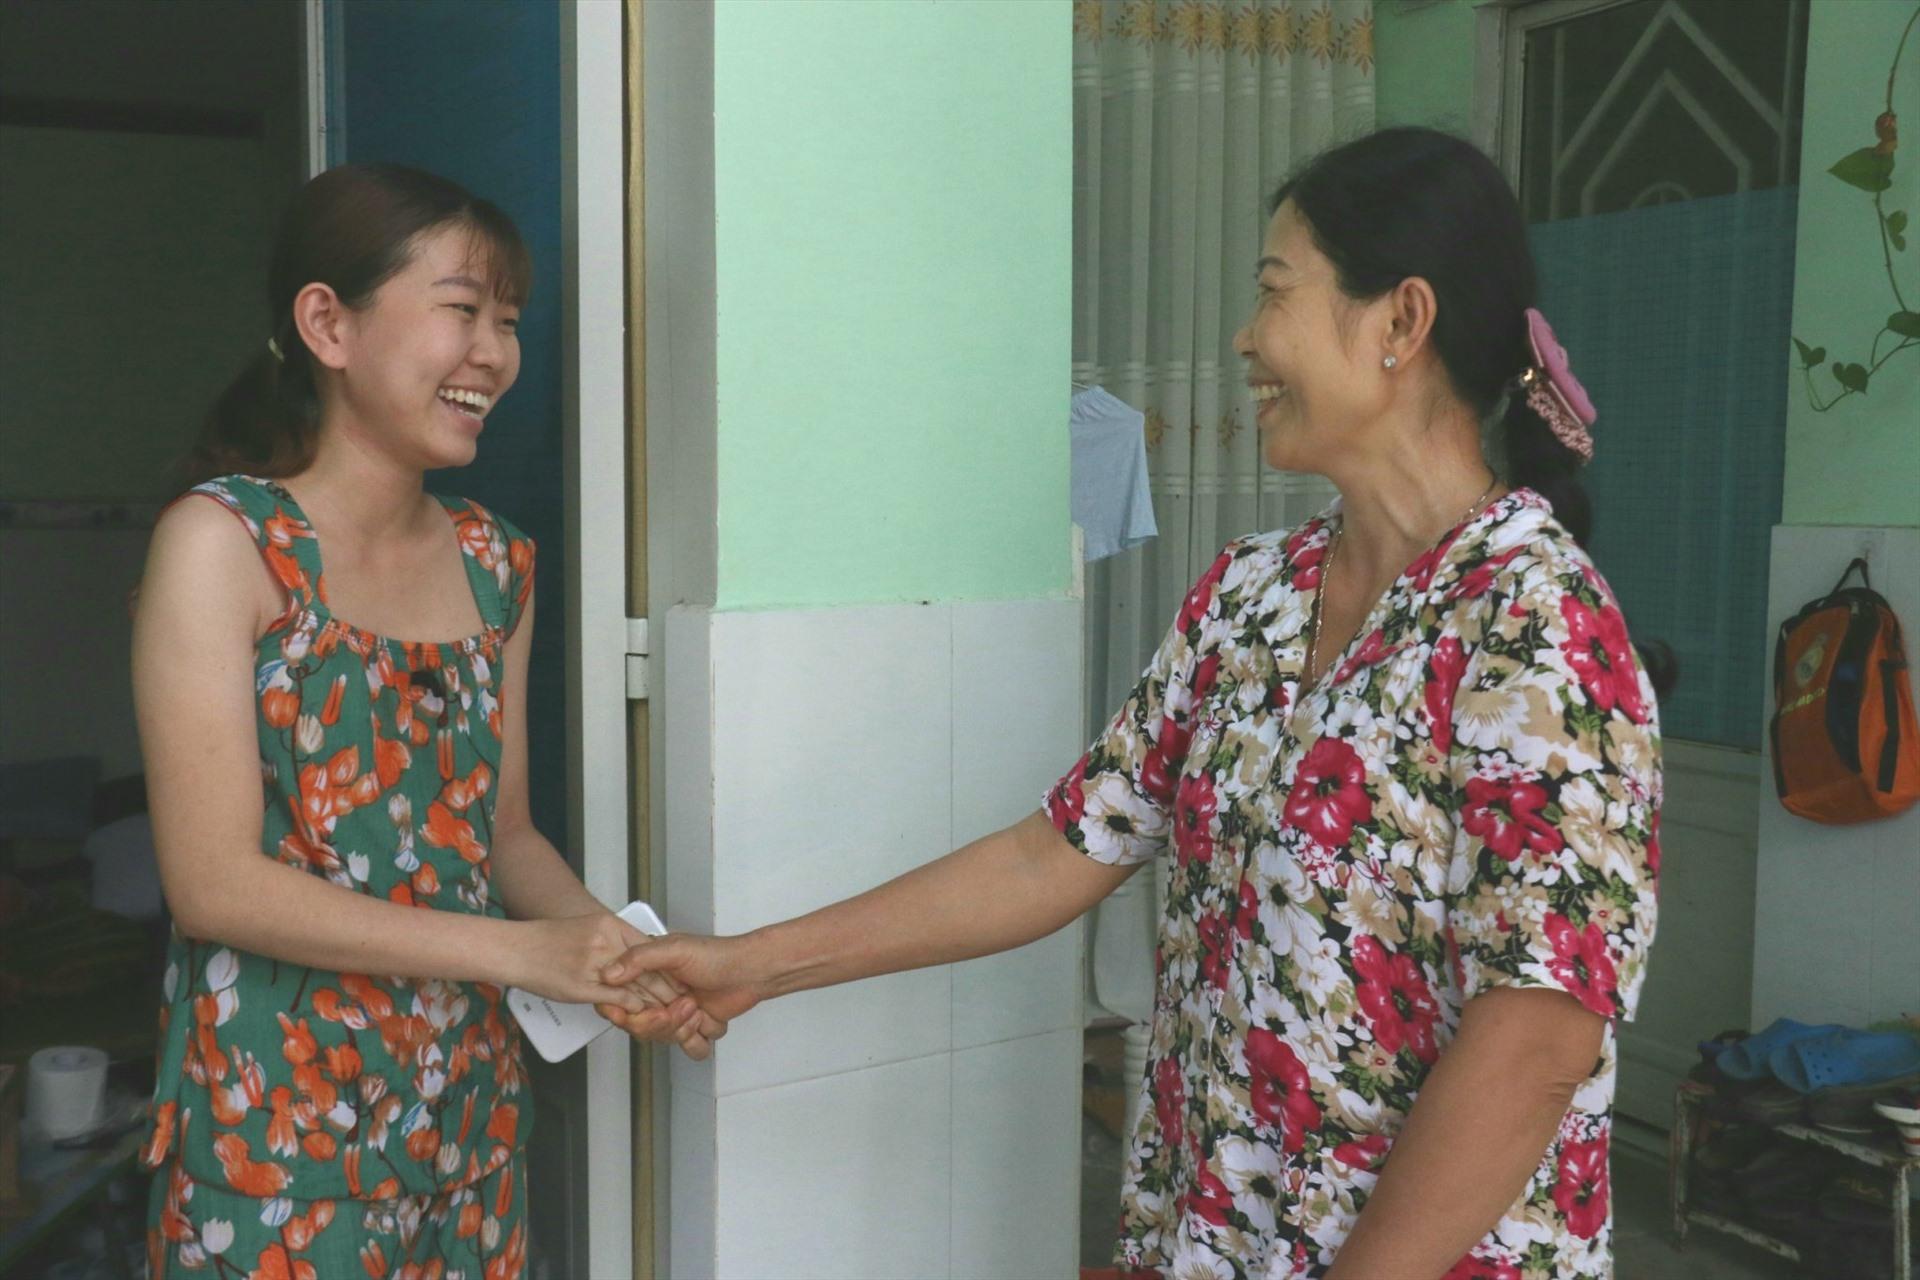 chủ nhà trọ Lê Lai 2/116 (bên phải) thông báo miễn giảm tiền nhà trọ với công nhân. Ảnh: Thành Nhân